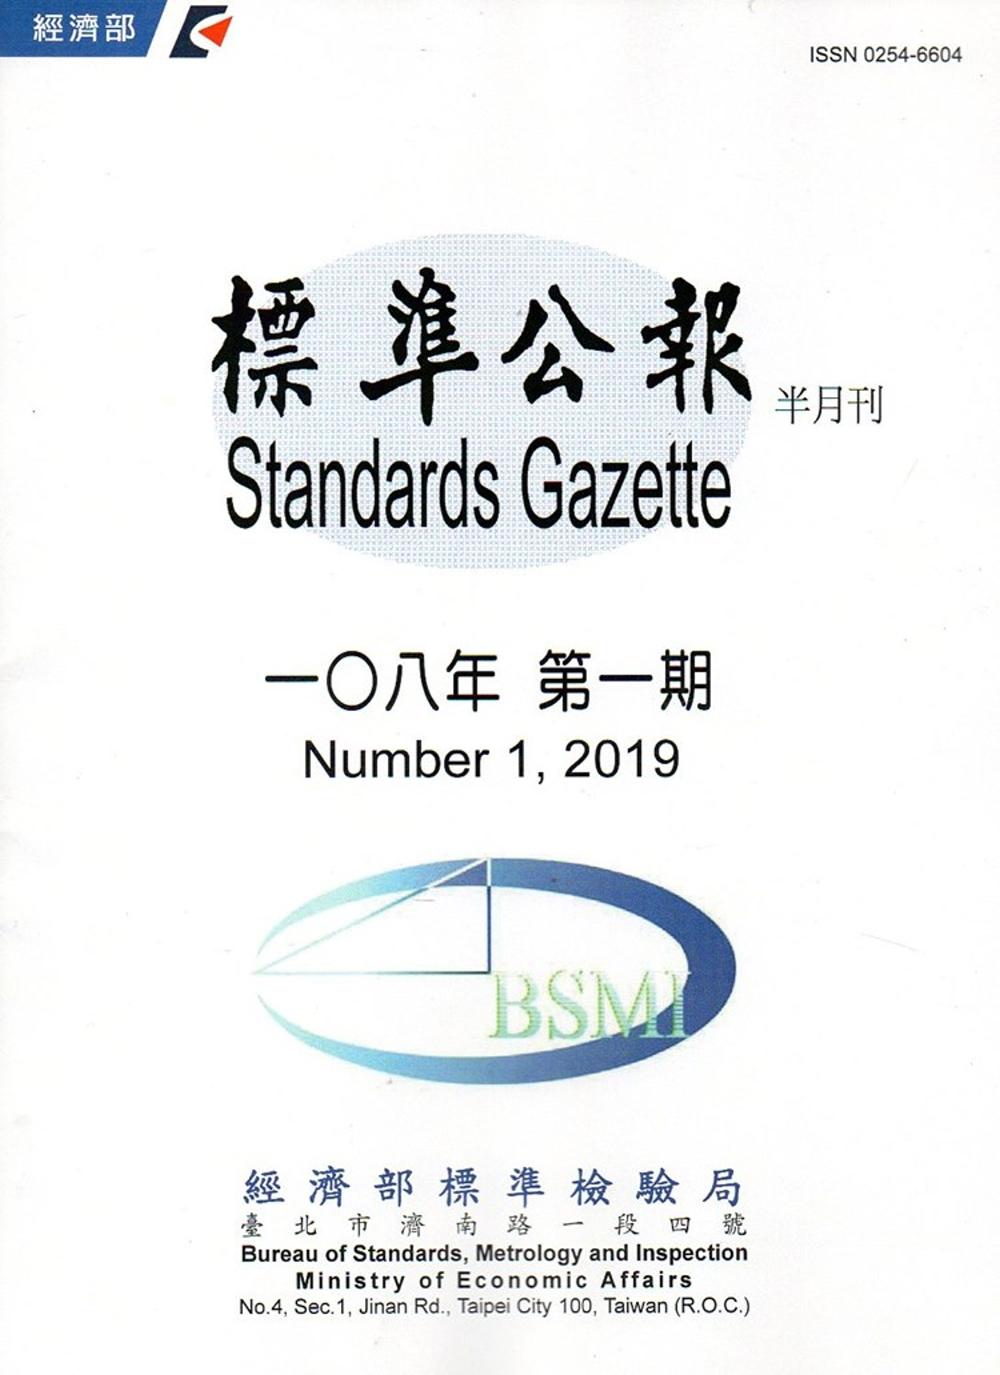 標準公報半月刊108年 第一期